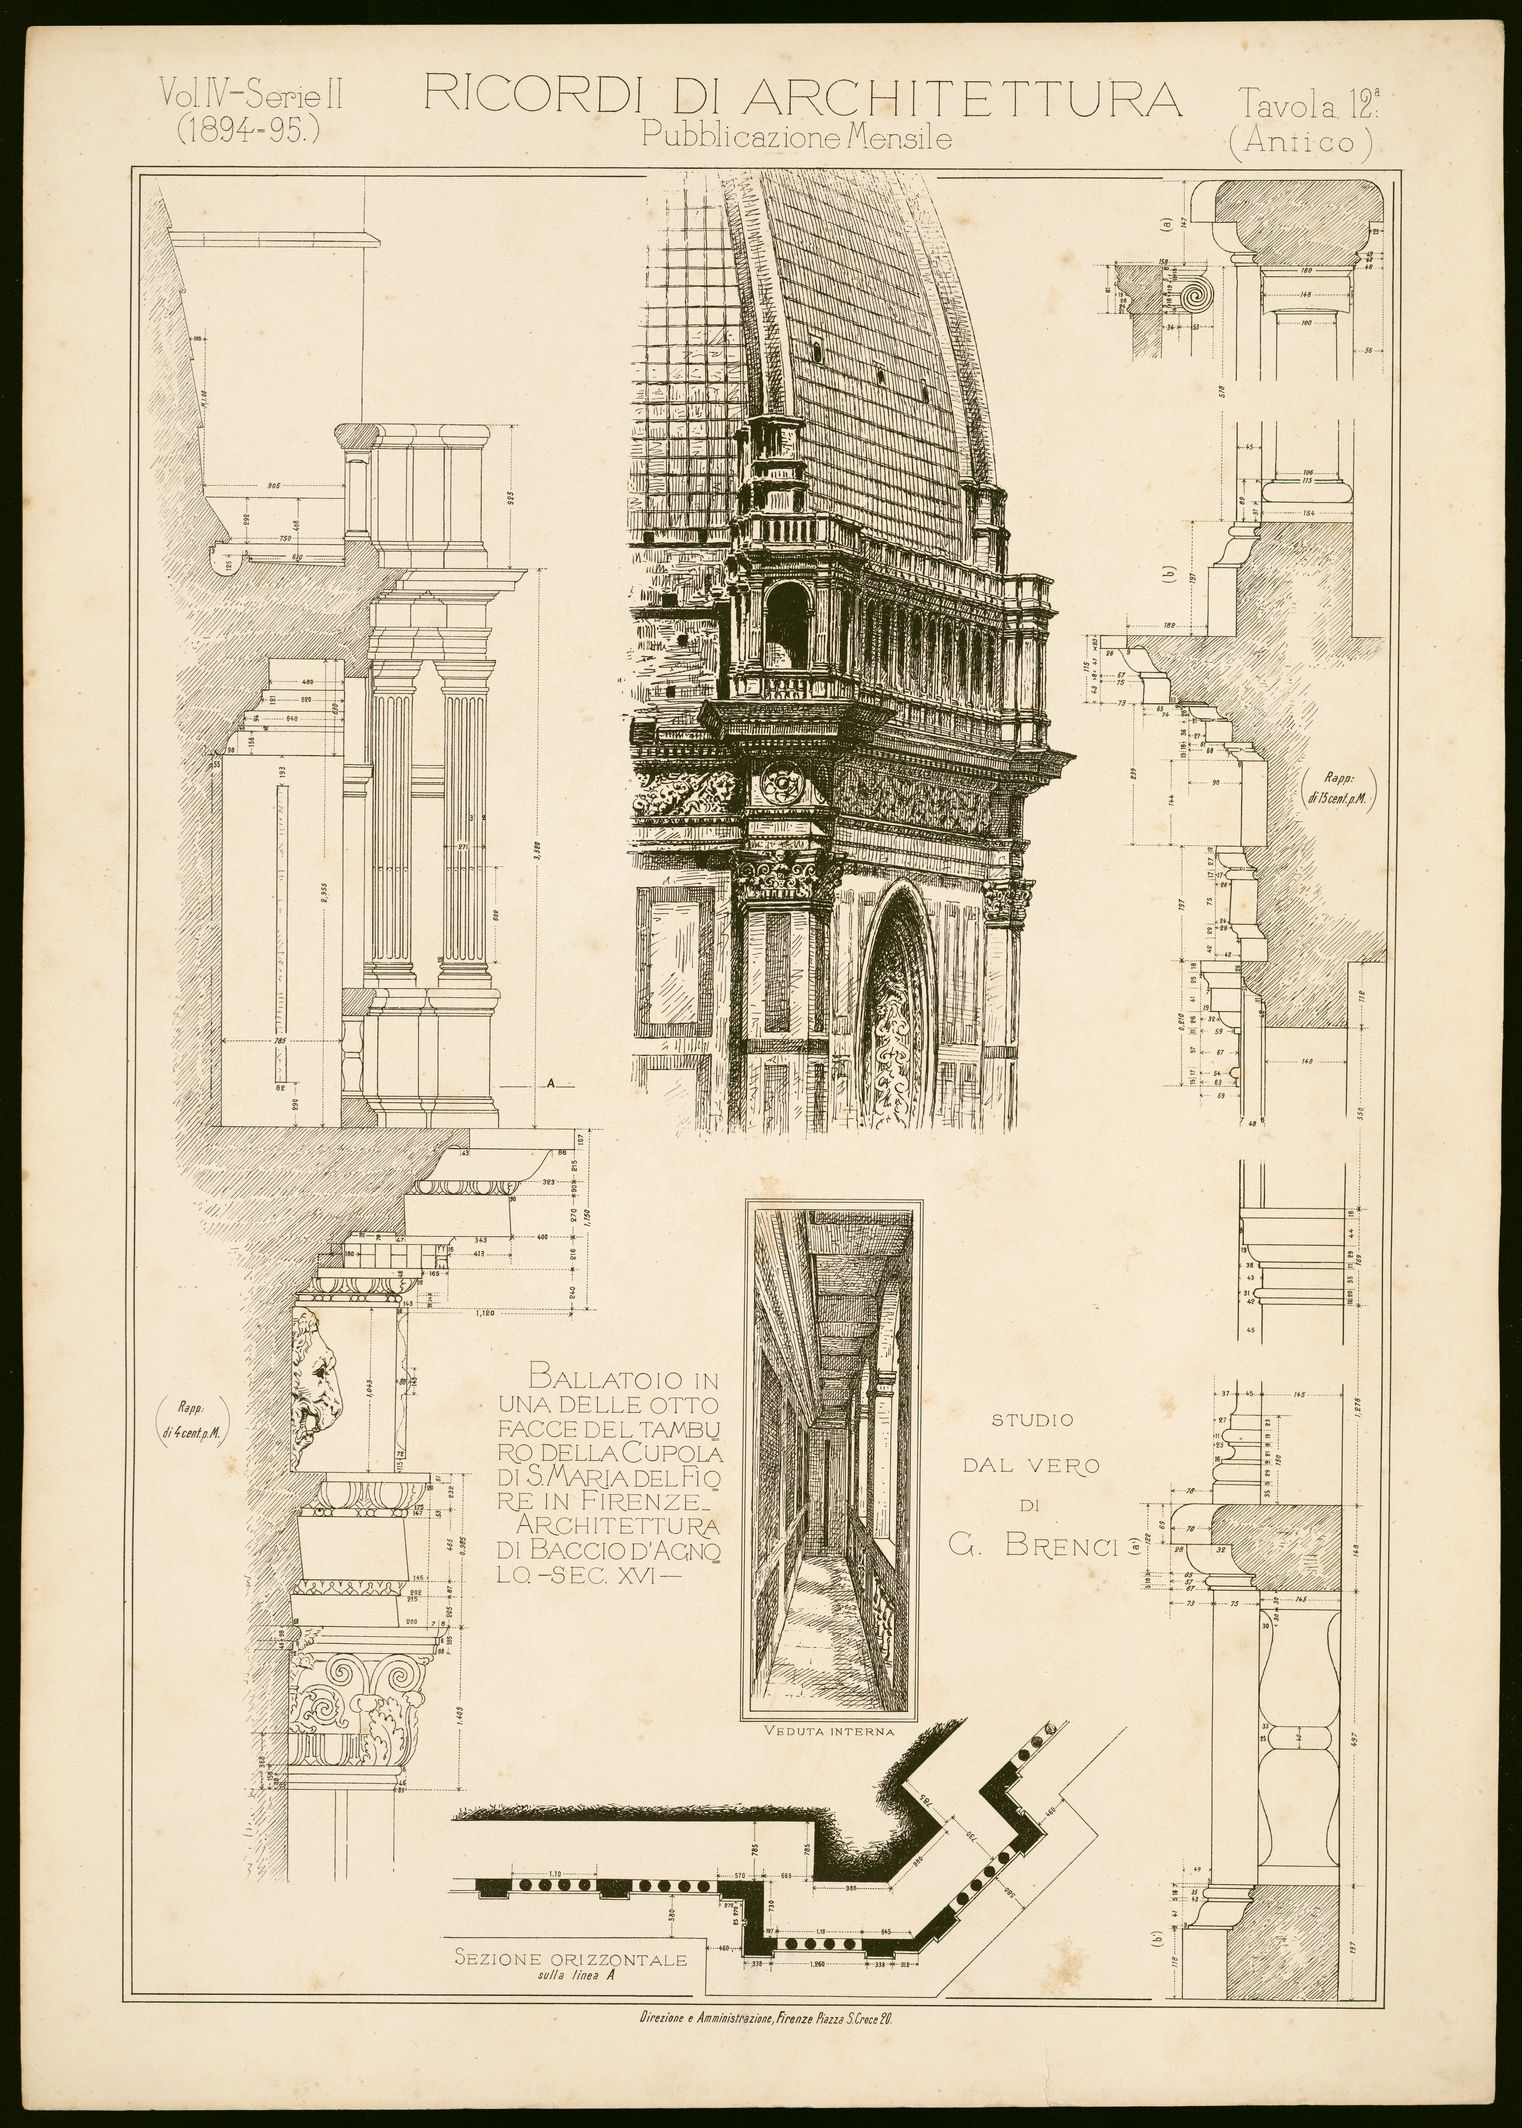 medium resolution of ballatoio in una delle otto facce del tamburo della cupola di s maria del fiore in firenze architettura di baccio d agnolo sec xvi veduta